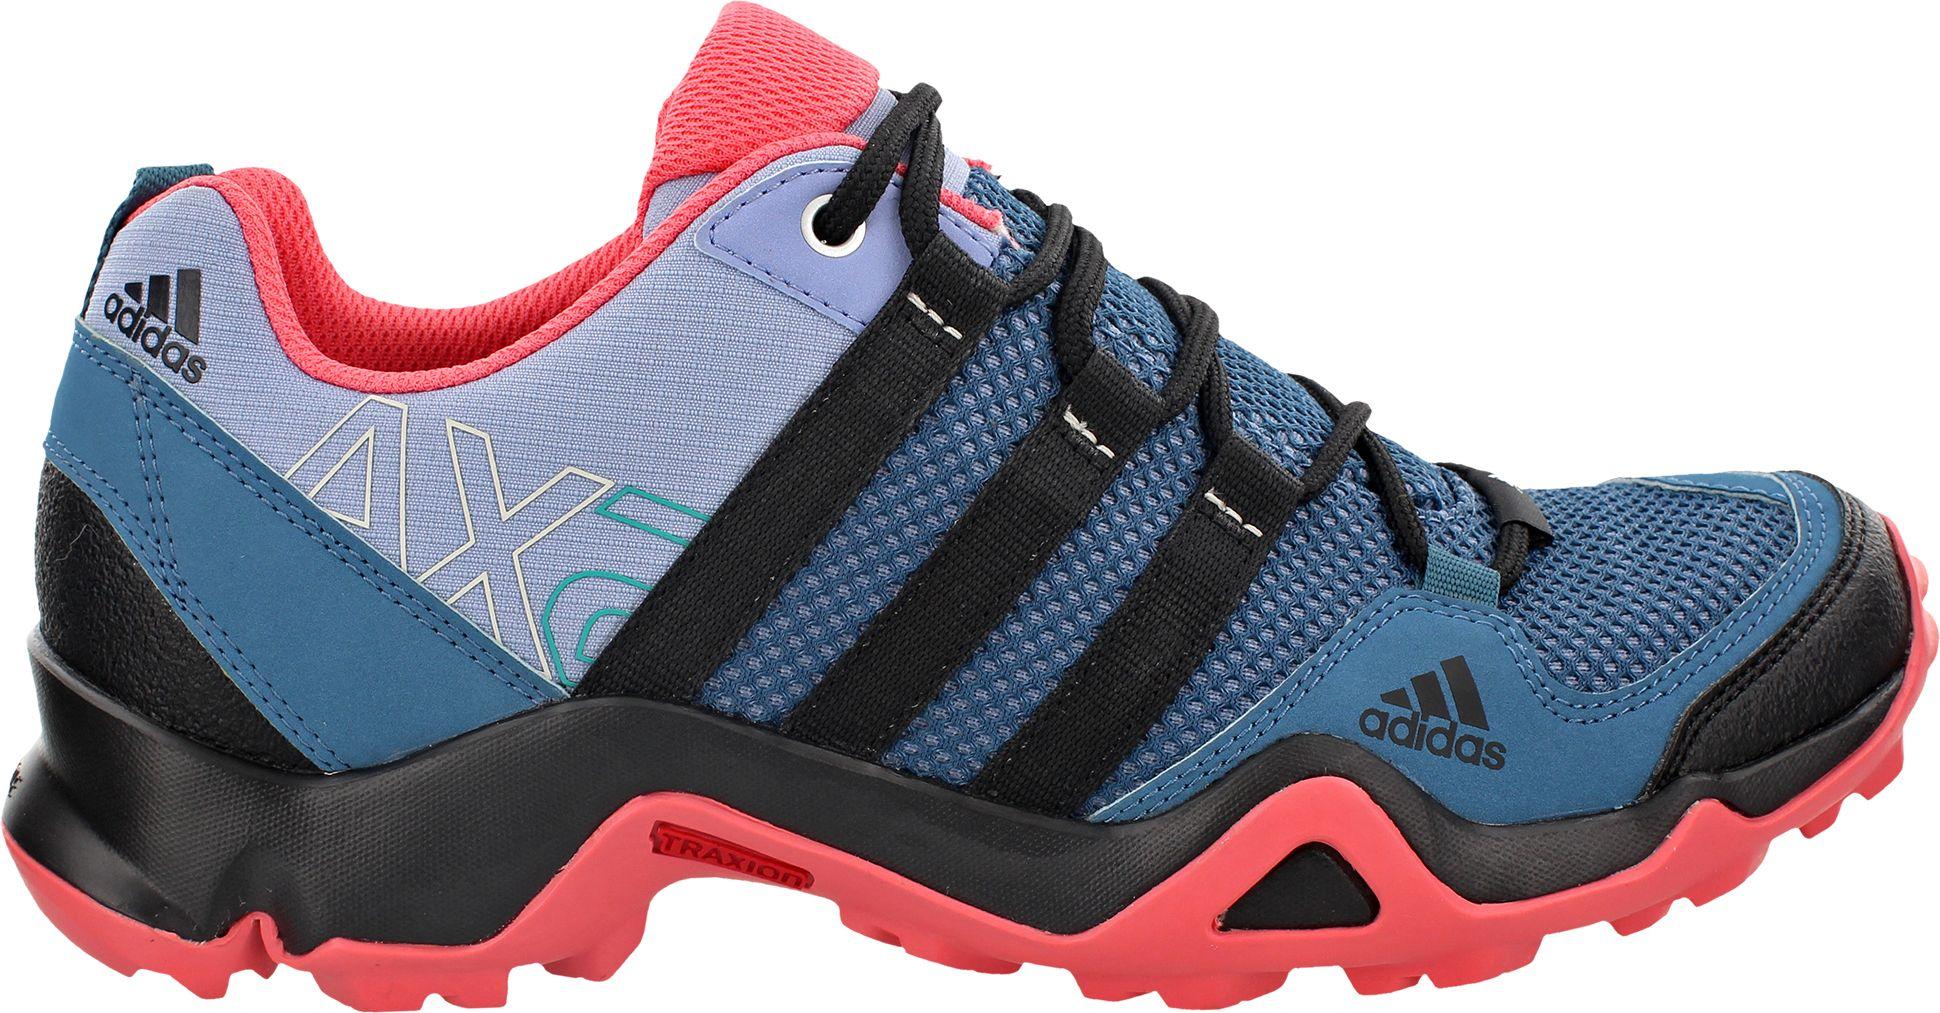 Adidas Outdoor noimagefound ??? XUZOORR